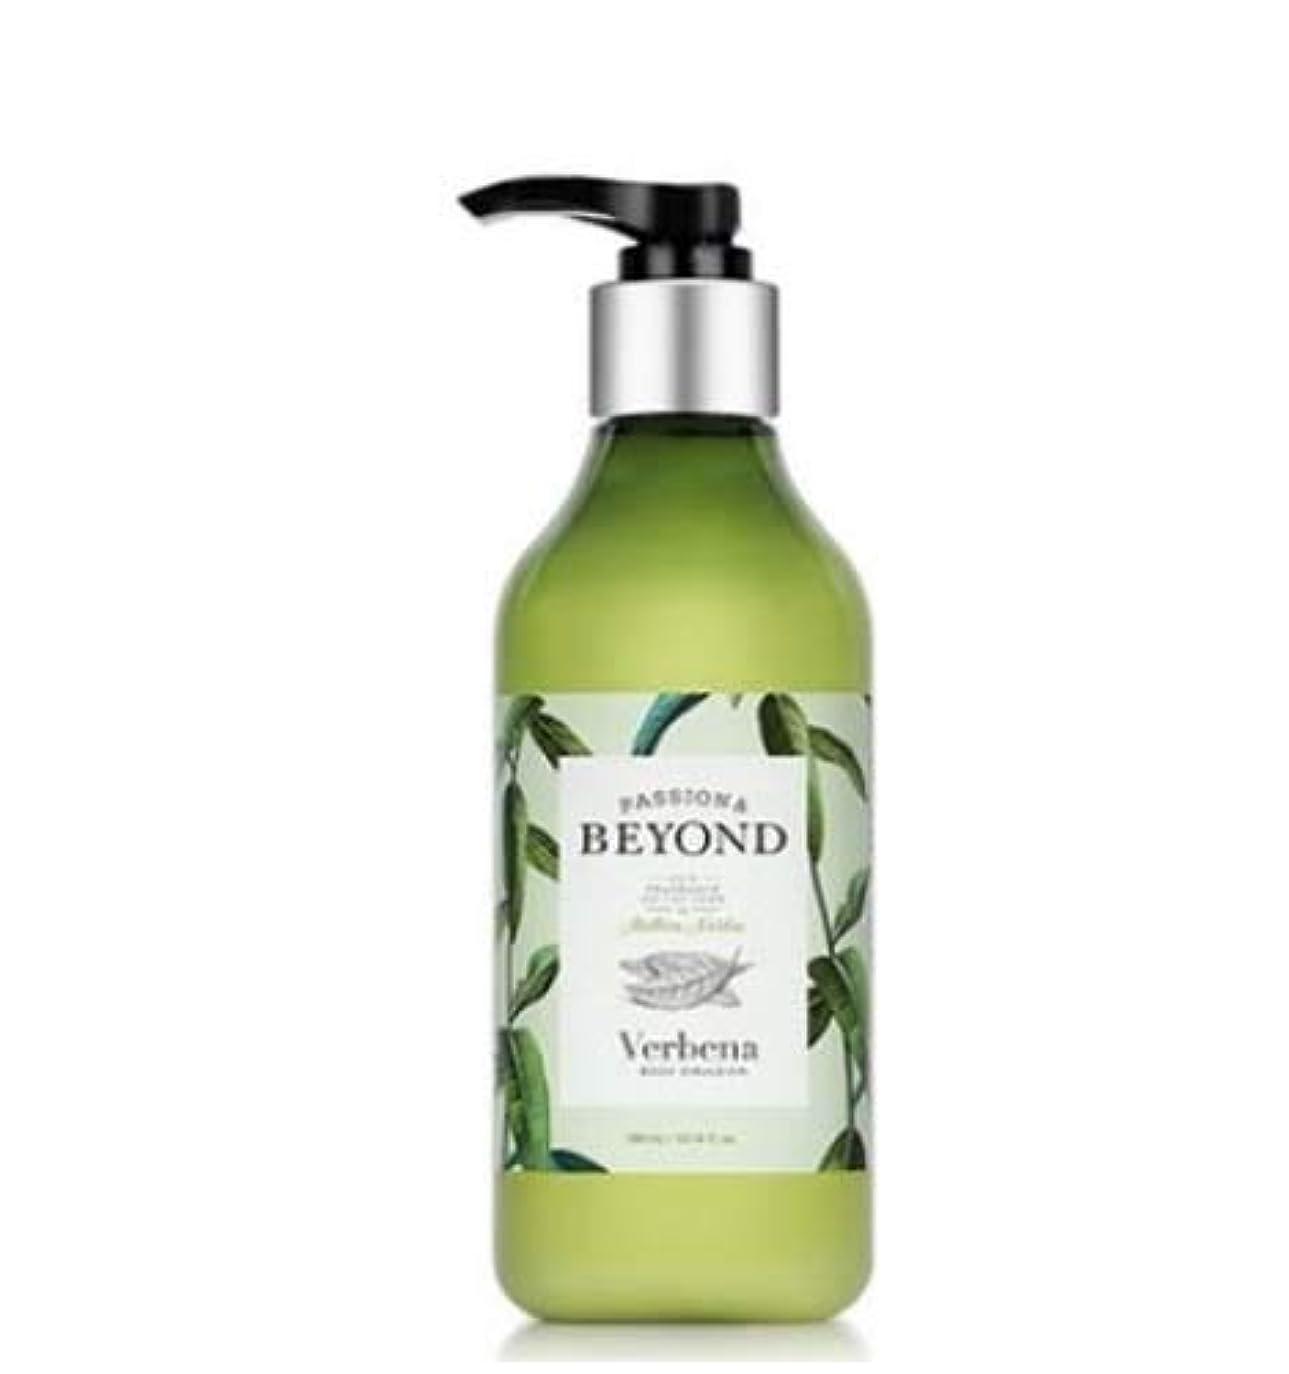 へこみ腰神話[ビヨンド] BEYOND [バーベナ ボディ エマルジョン 300ml] Verbena Body Emulsion 300ml [海外直送品]